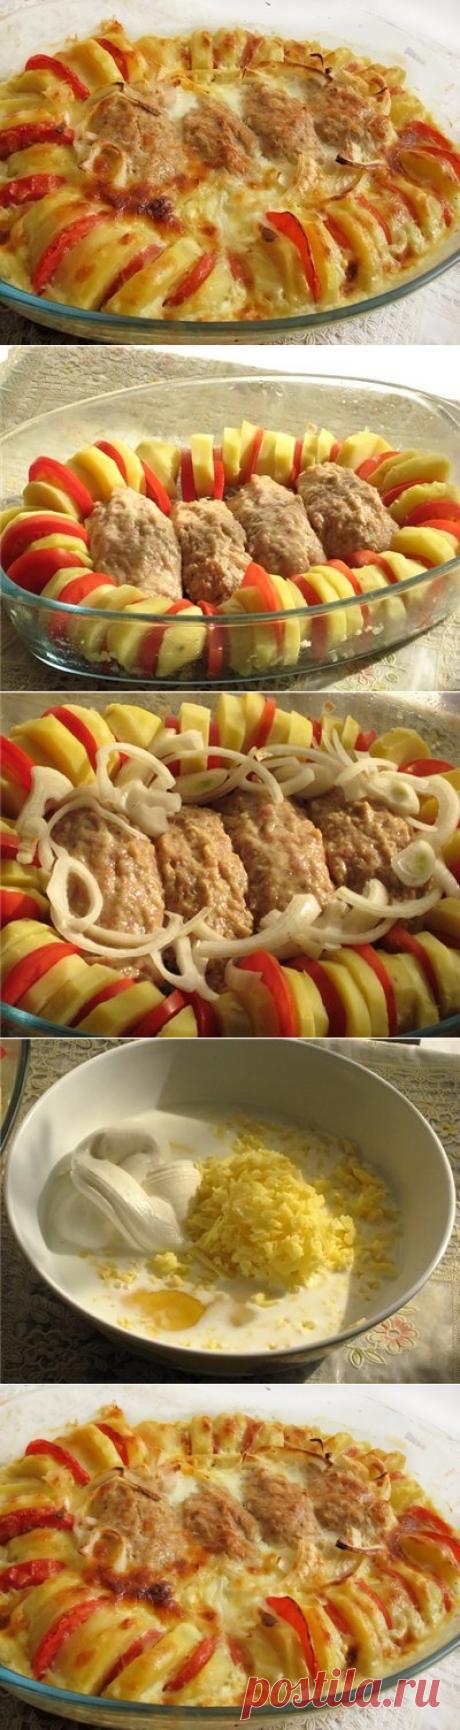 Как приготовить запеченные куриные котлетки с гарниром полосатый рейс - рецепт, ингредиенты и фотографии